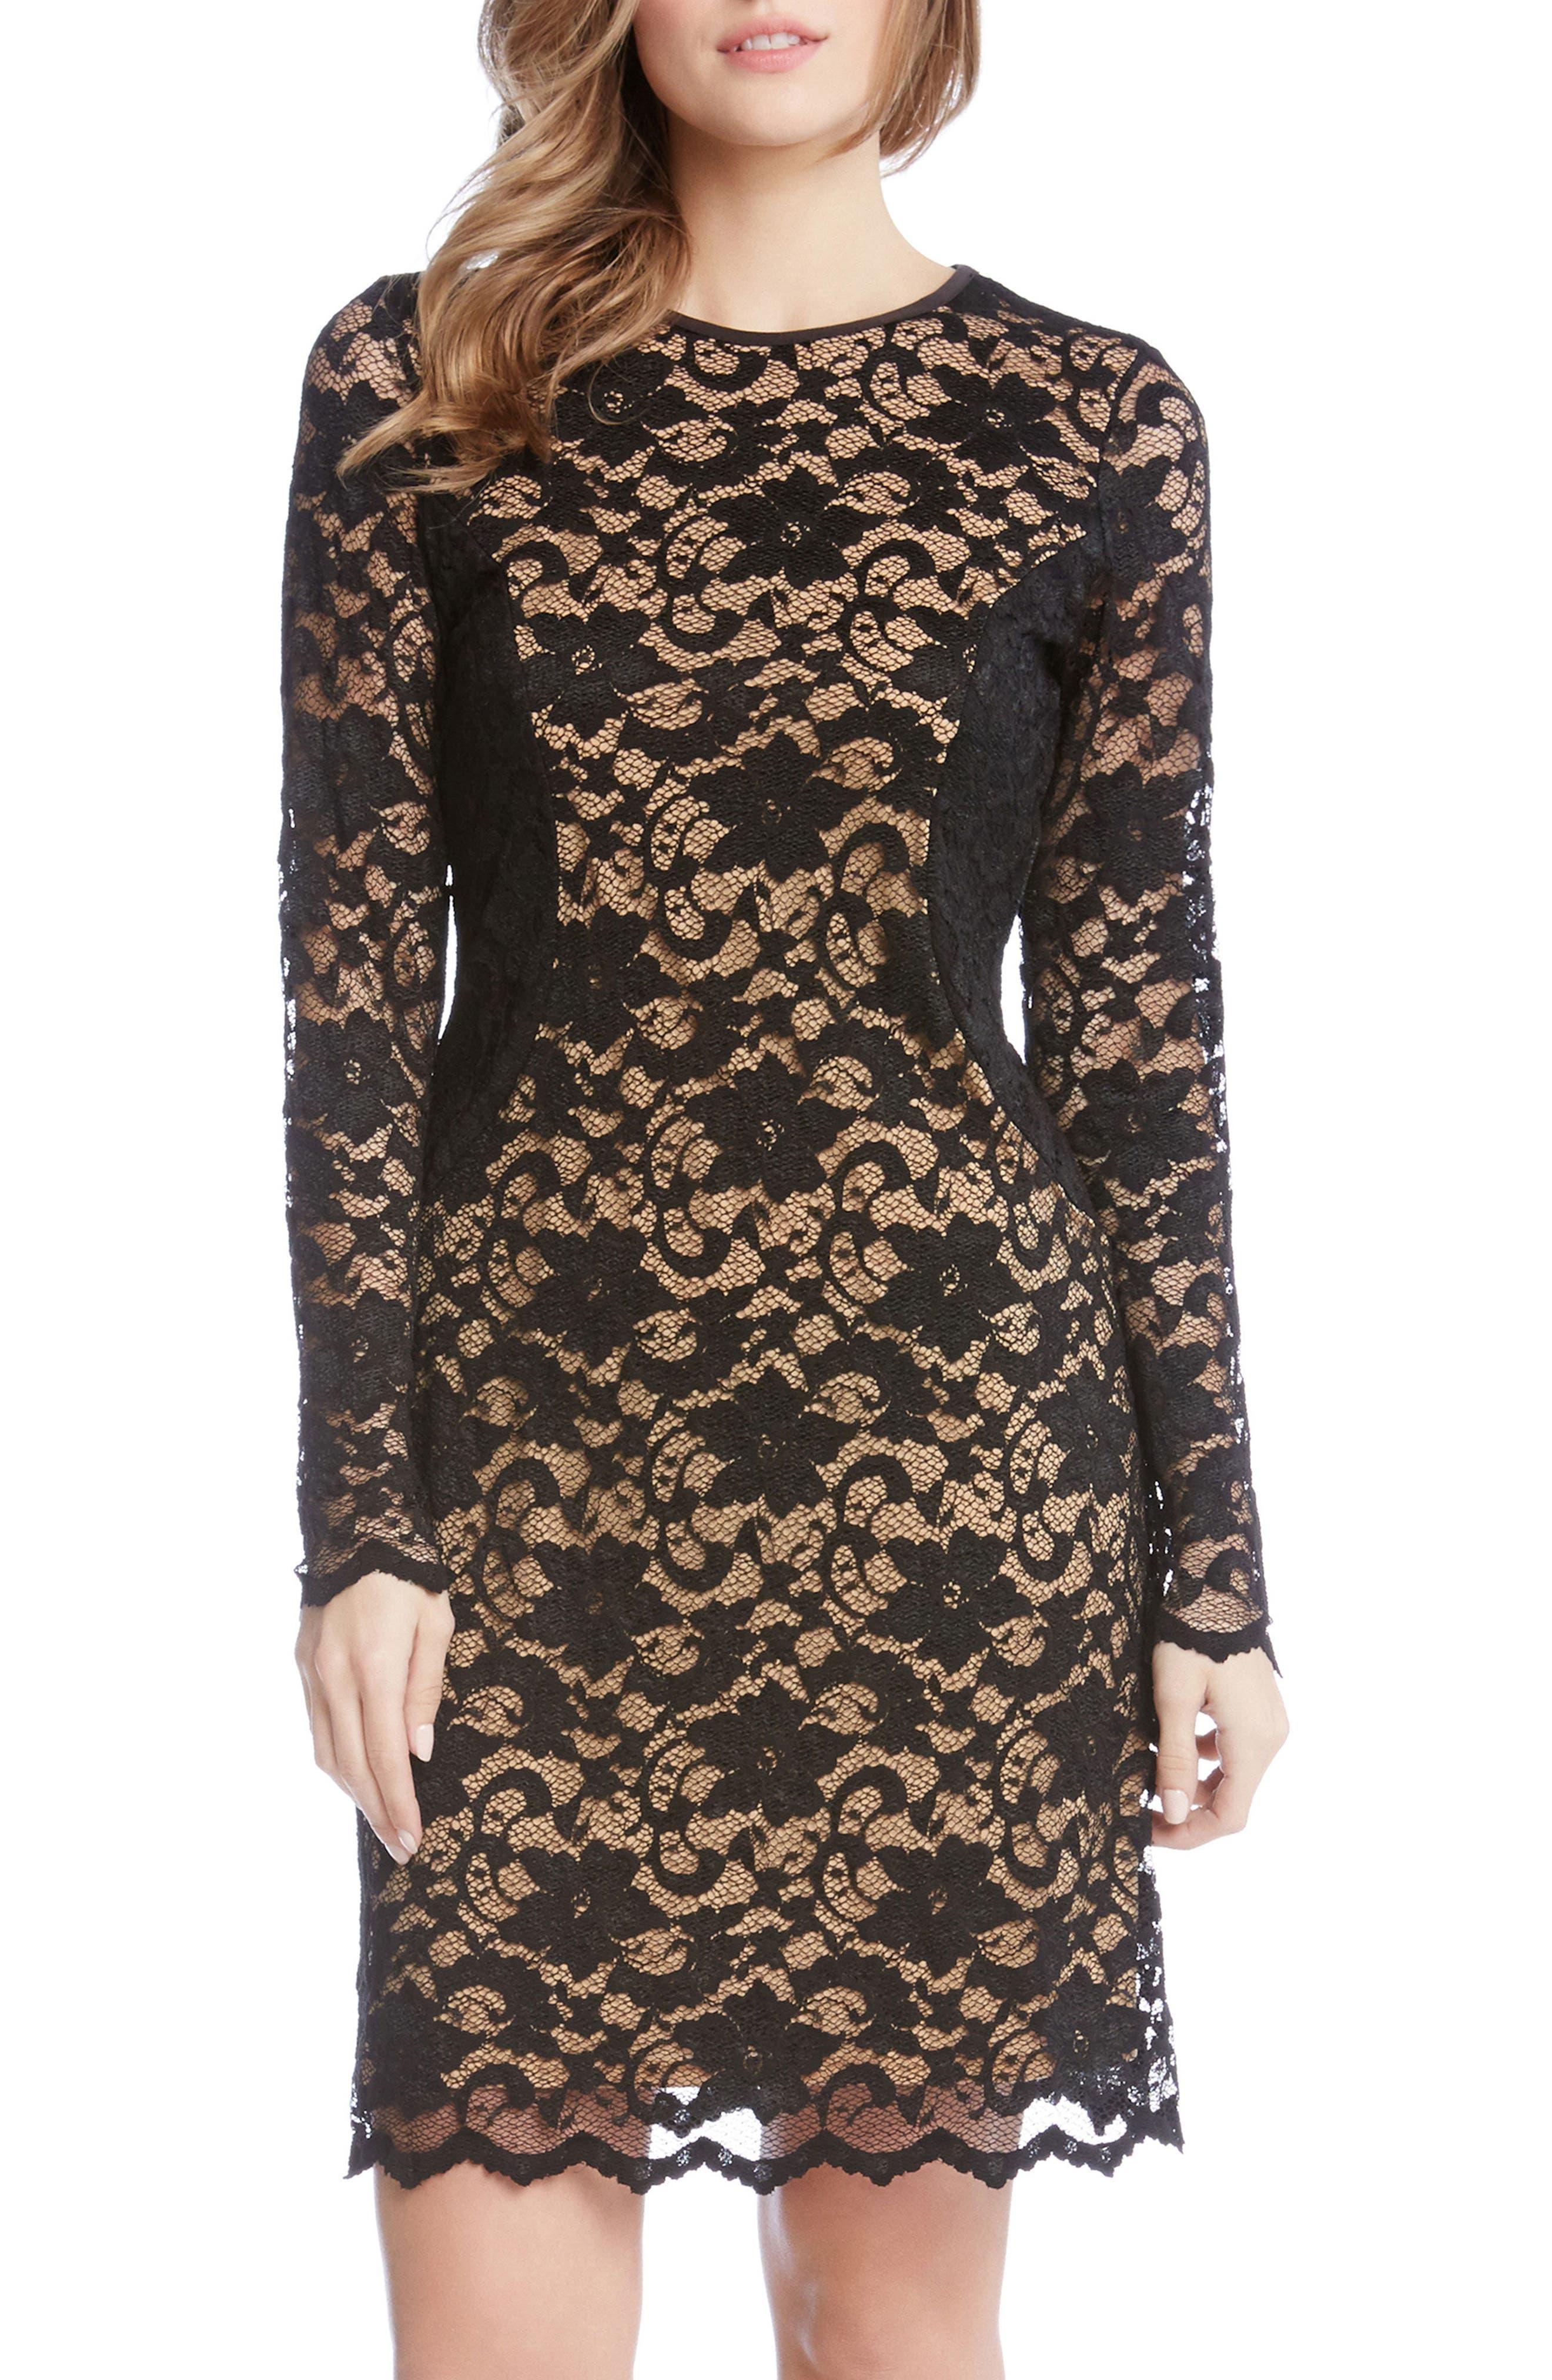 Alternate Image 1 Selected - Karen Kane Contrast Side Lace Sheath Dress